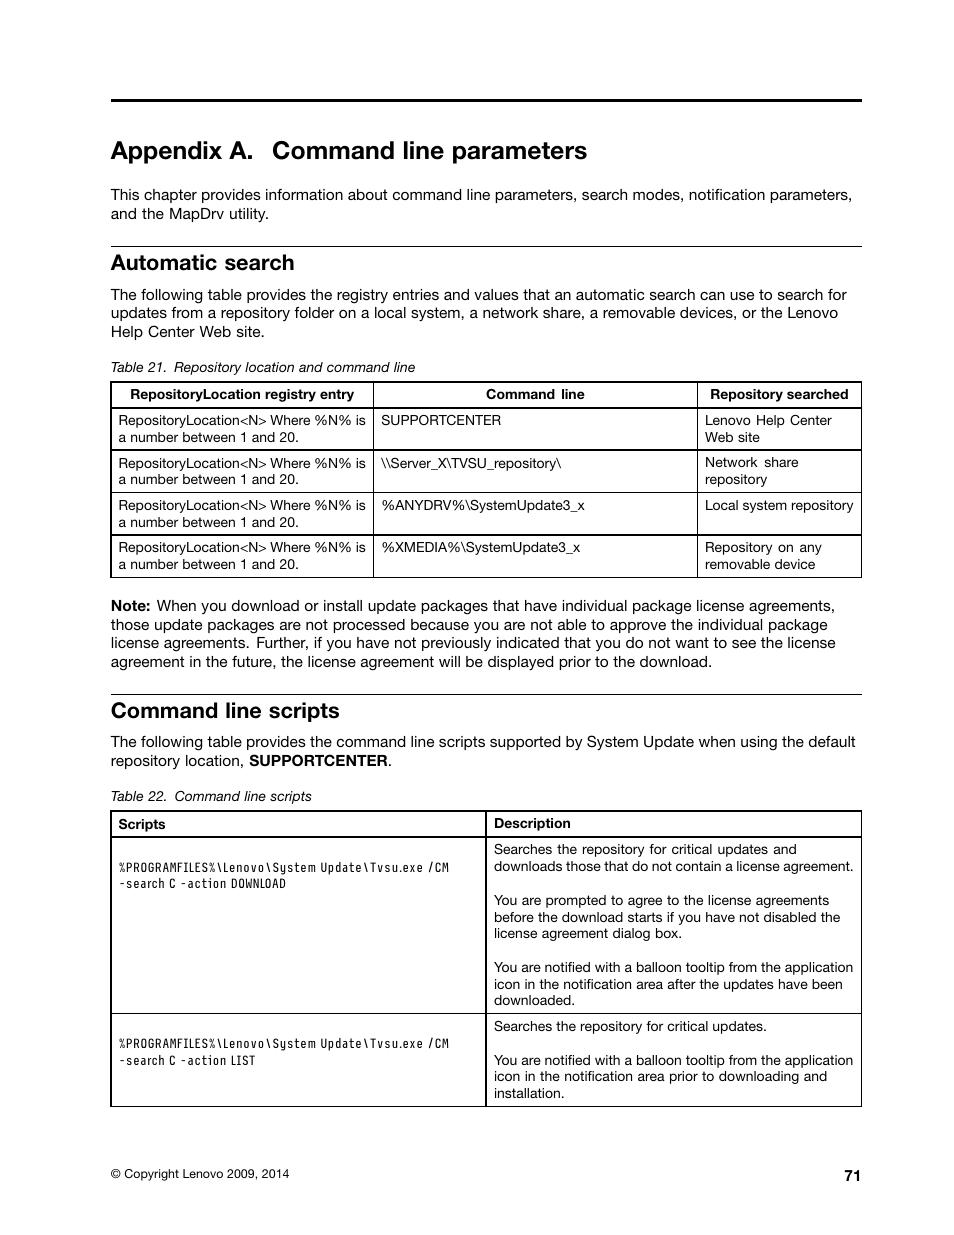 Appendix a  command line parameters, Automatic search, Command line